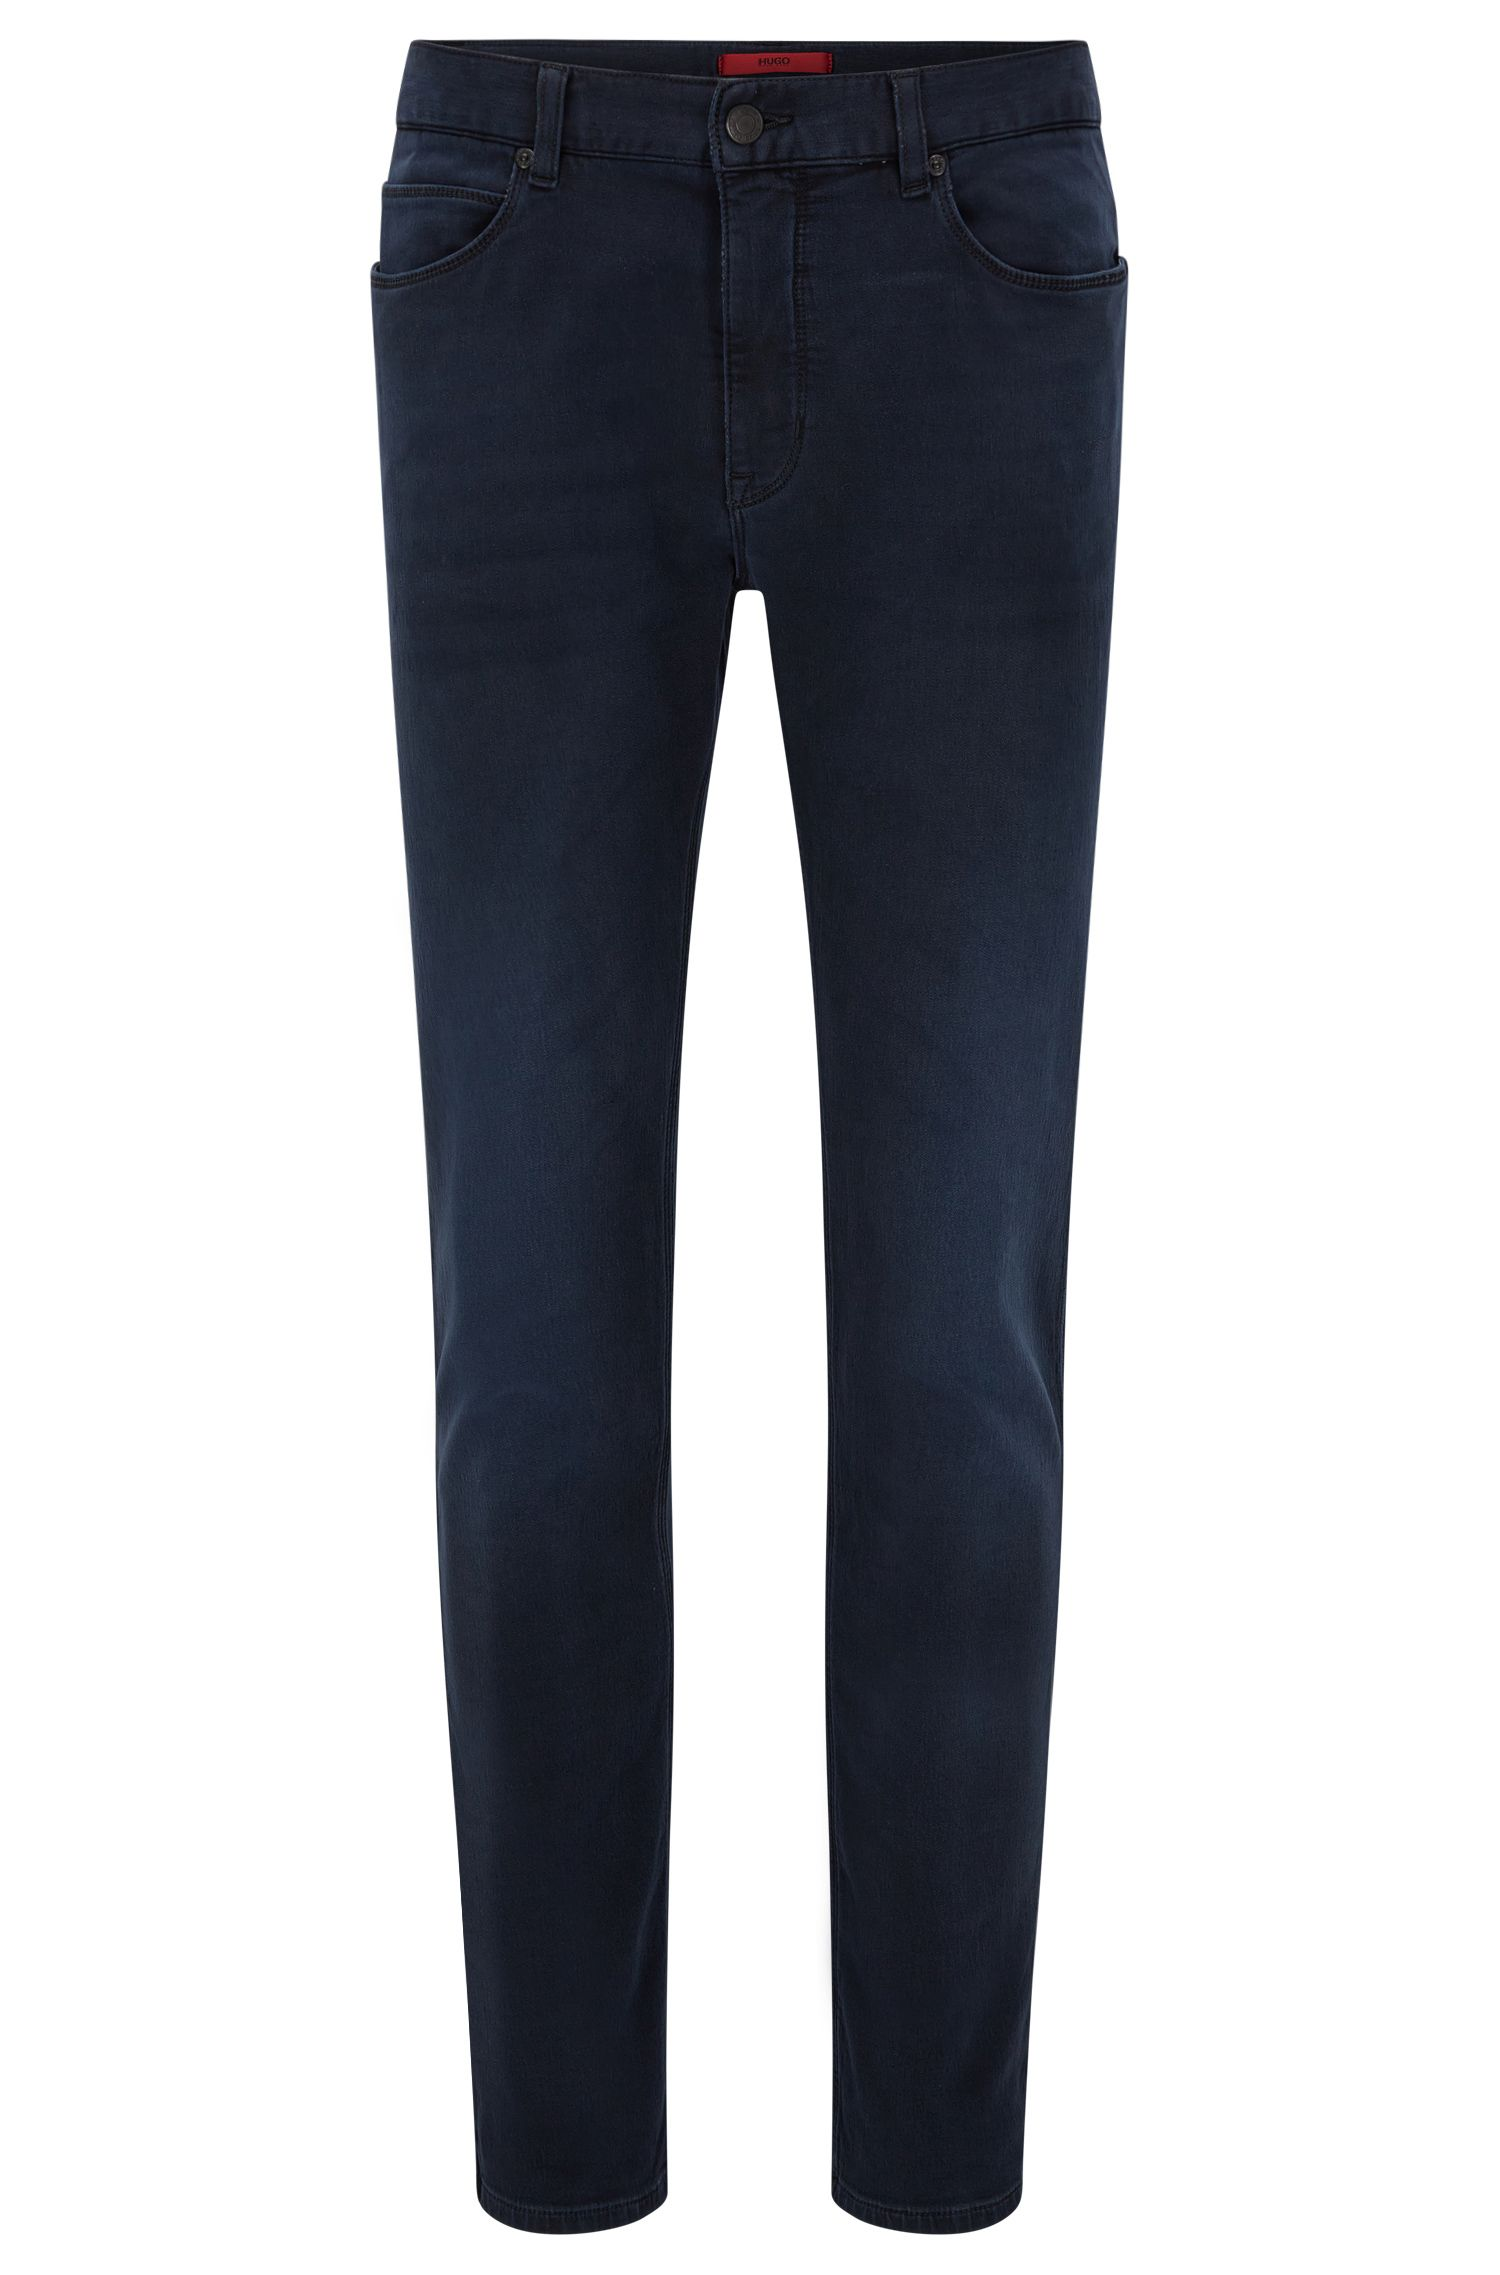 Jeans skinny fit in jersey di denim